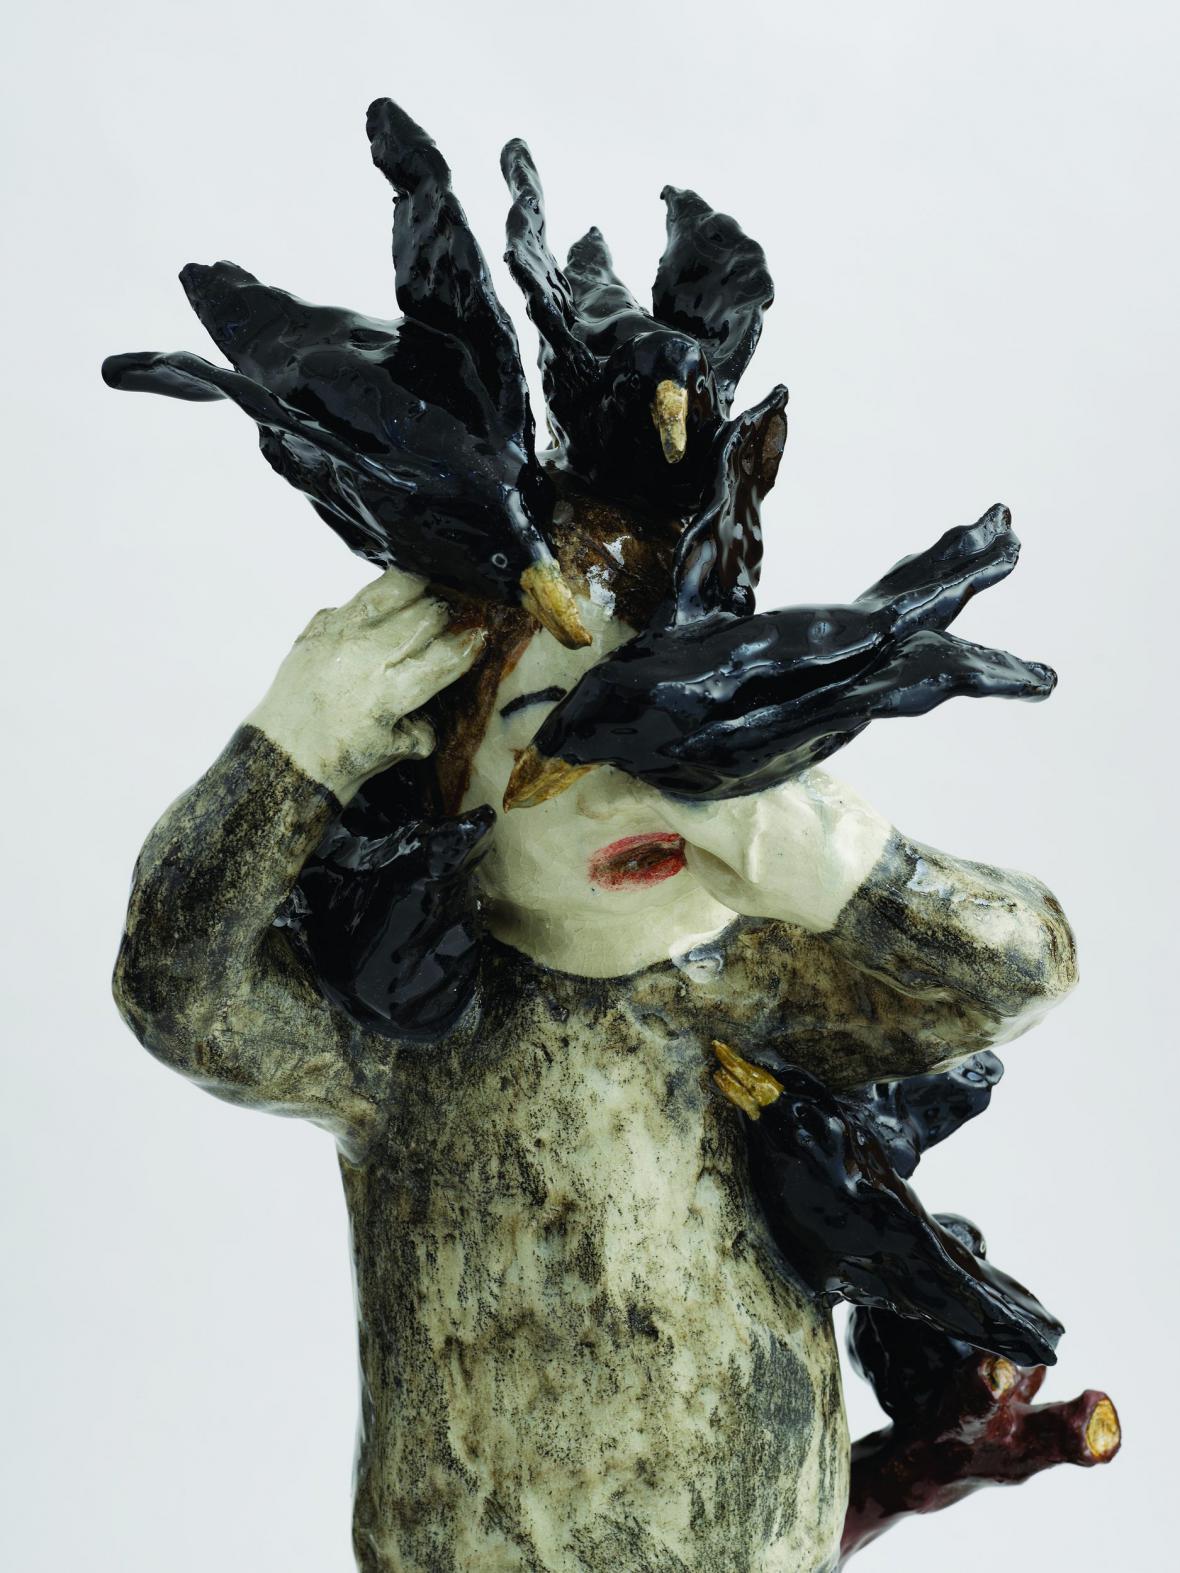 Klara Kristalova / Zlí ptáci, 2008